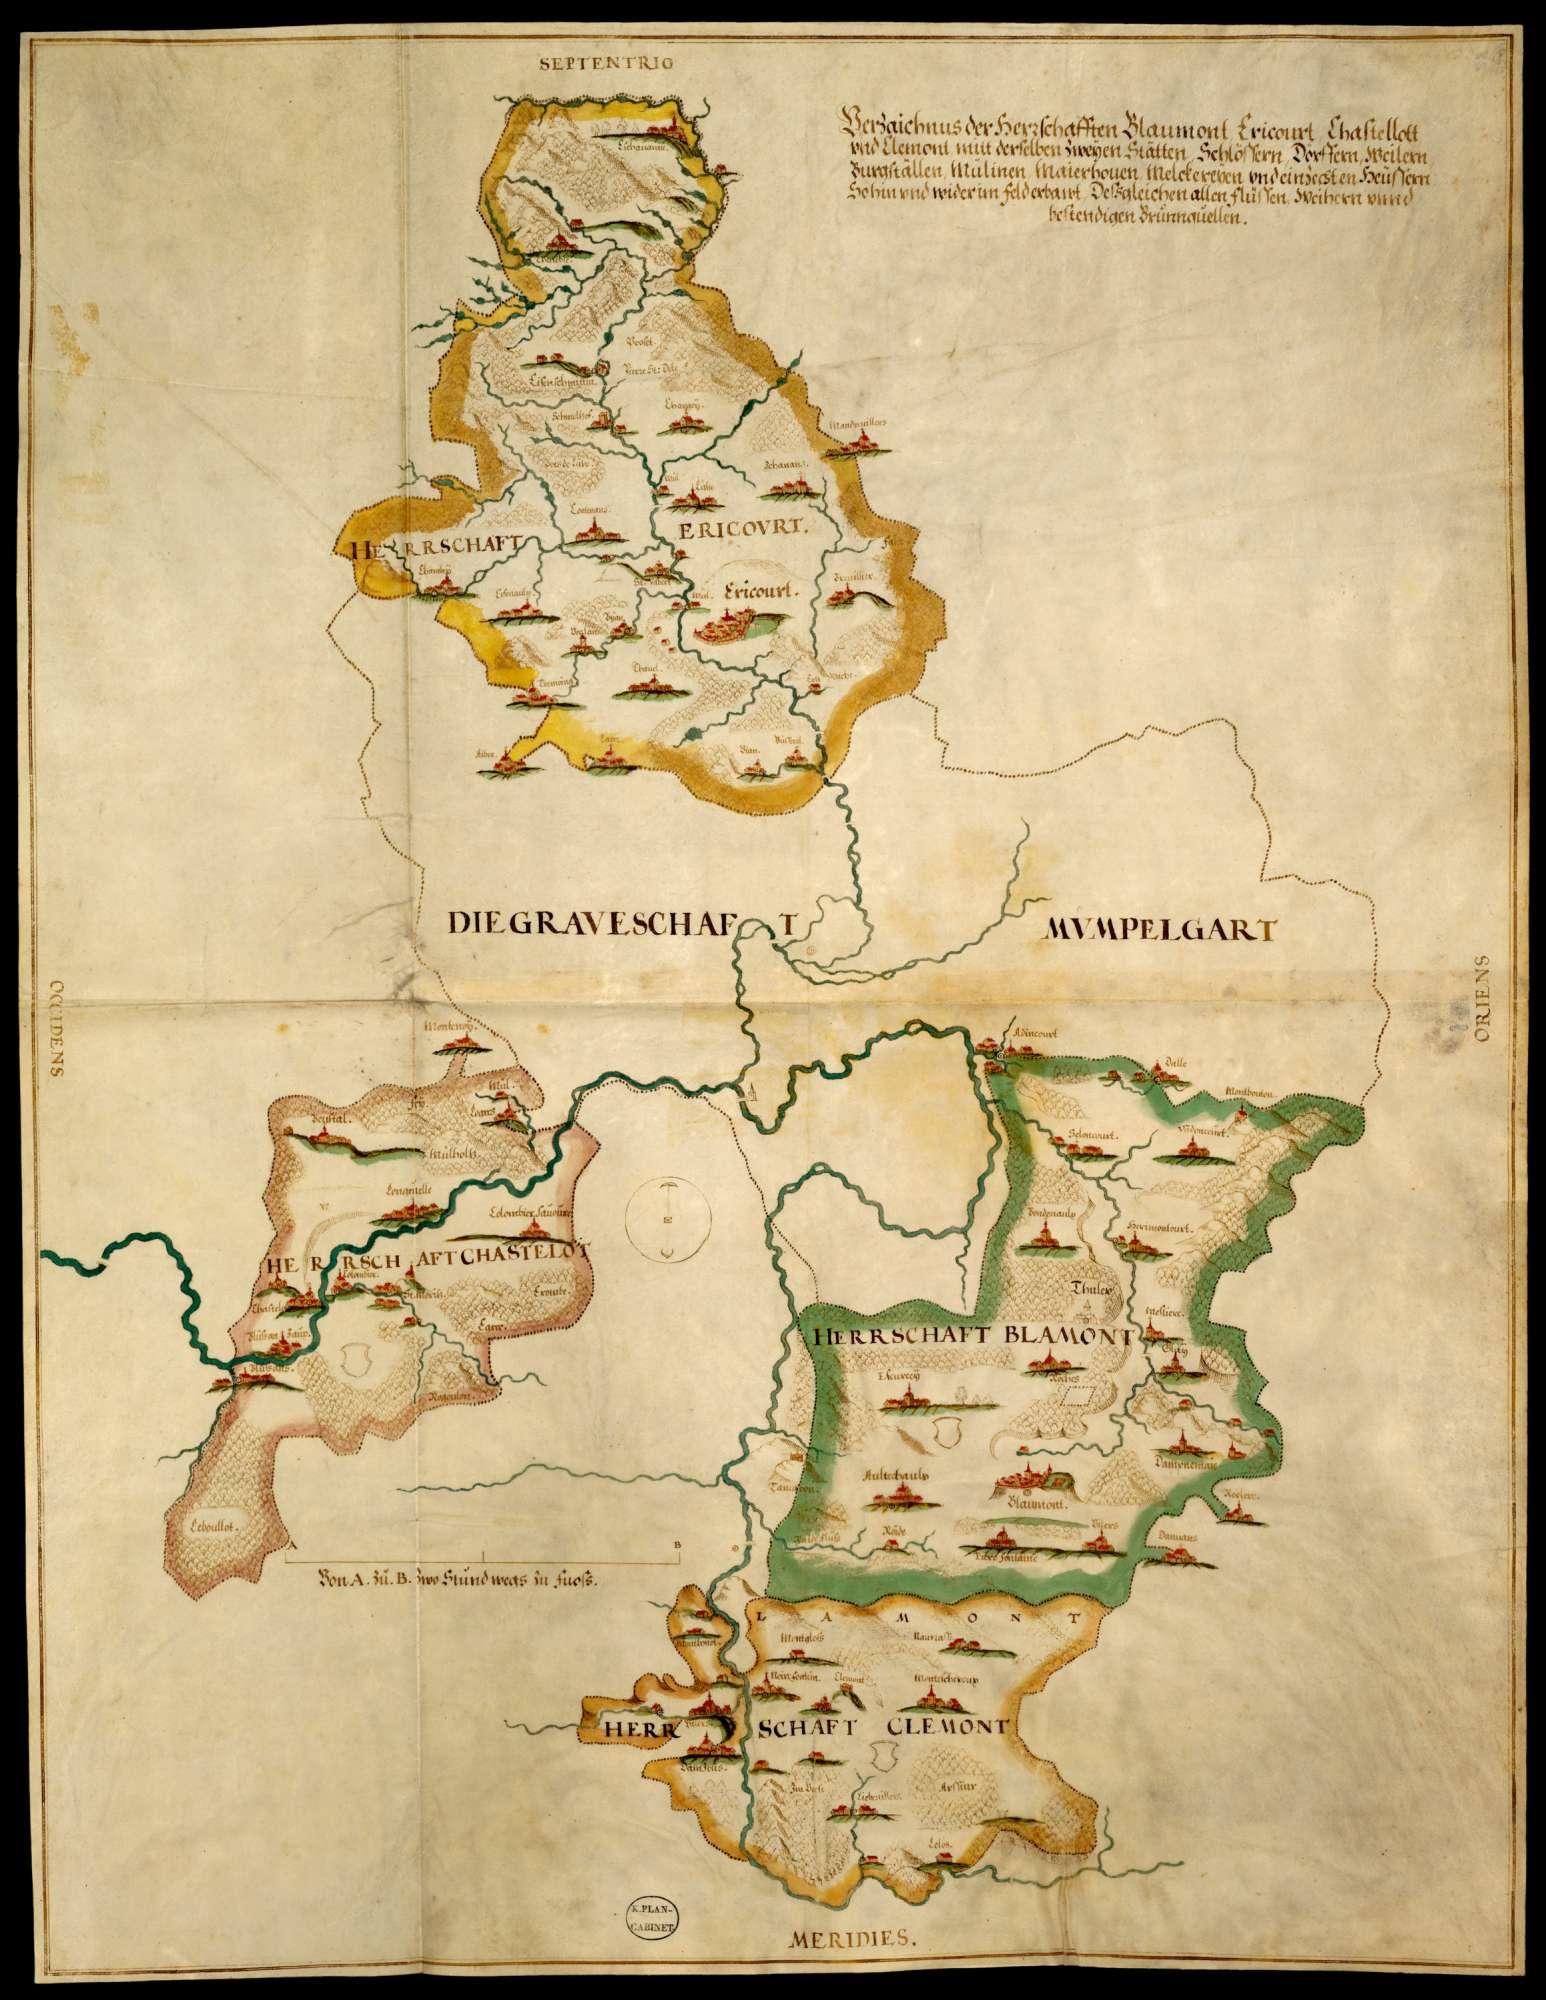 Bl. 30 r: Mömpelgardische Herrschaften Blamont, Héricourt, Châtelot und Clémont, Bild 1